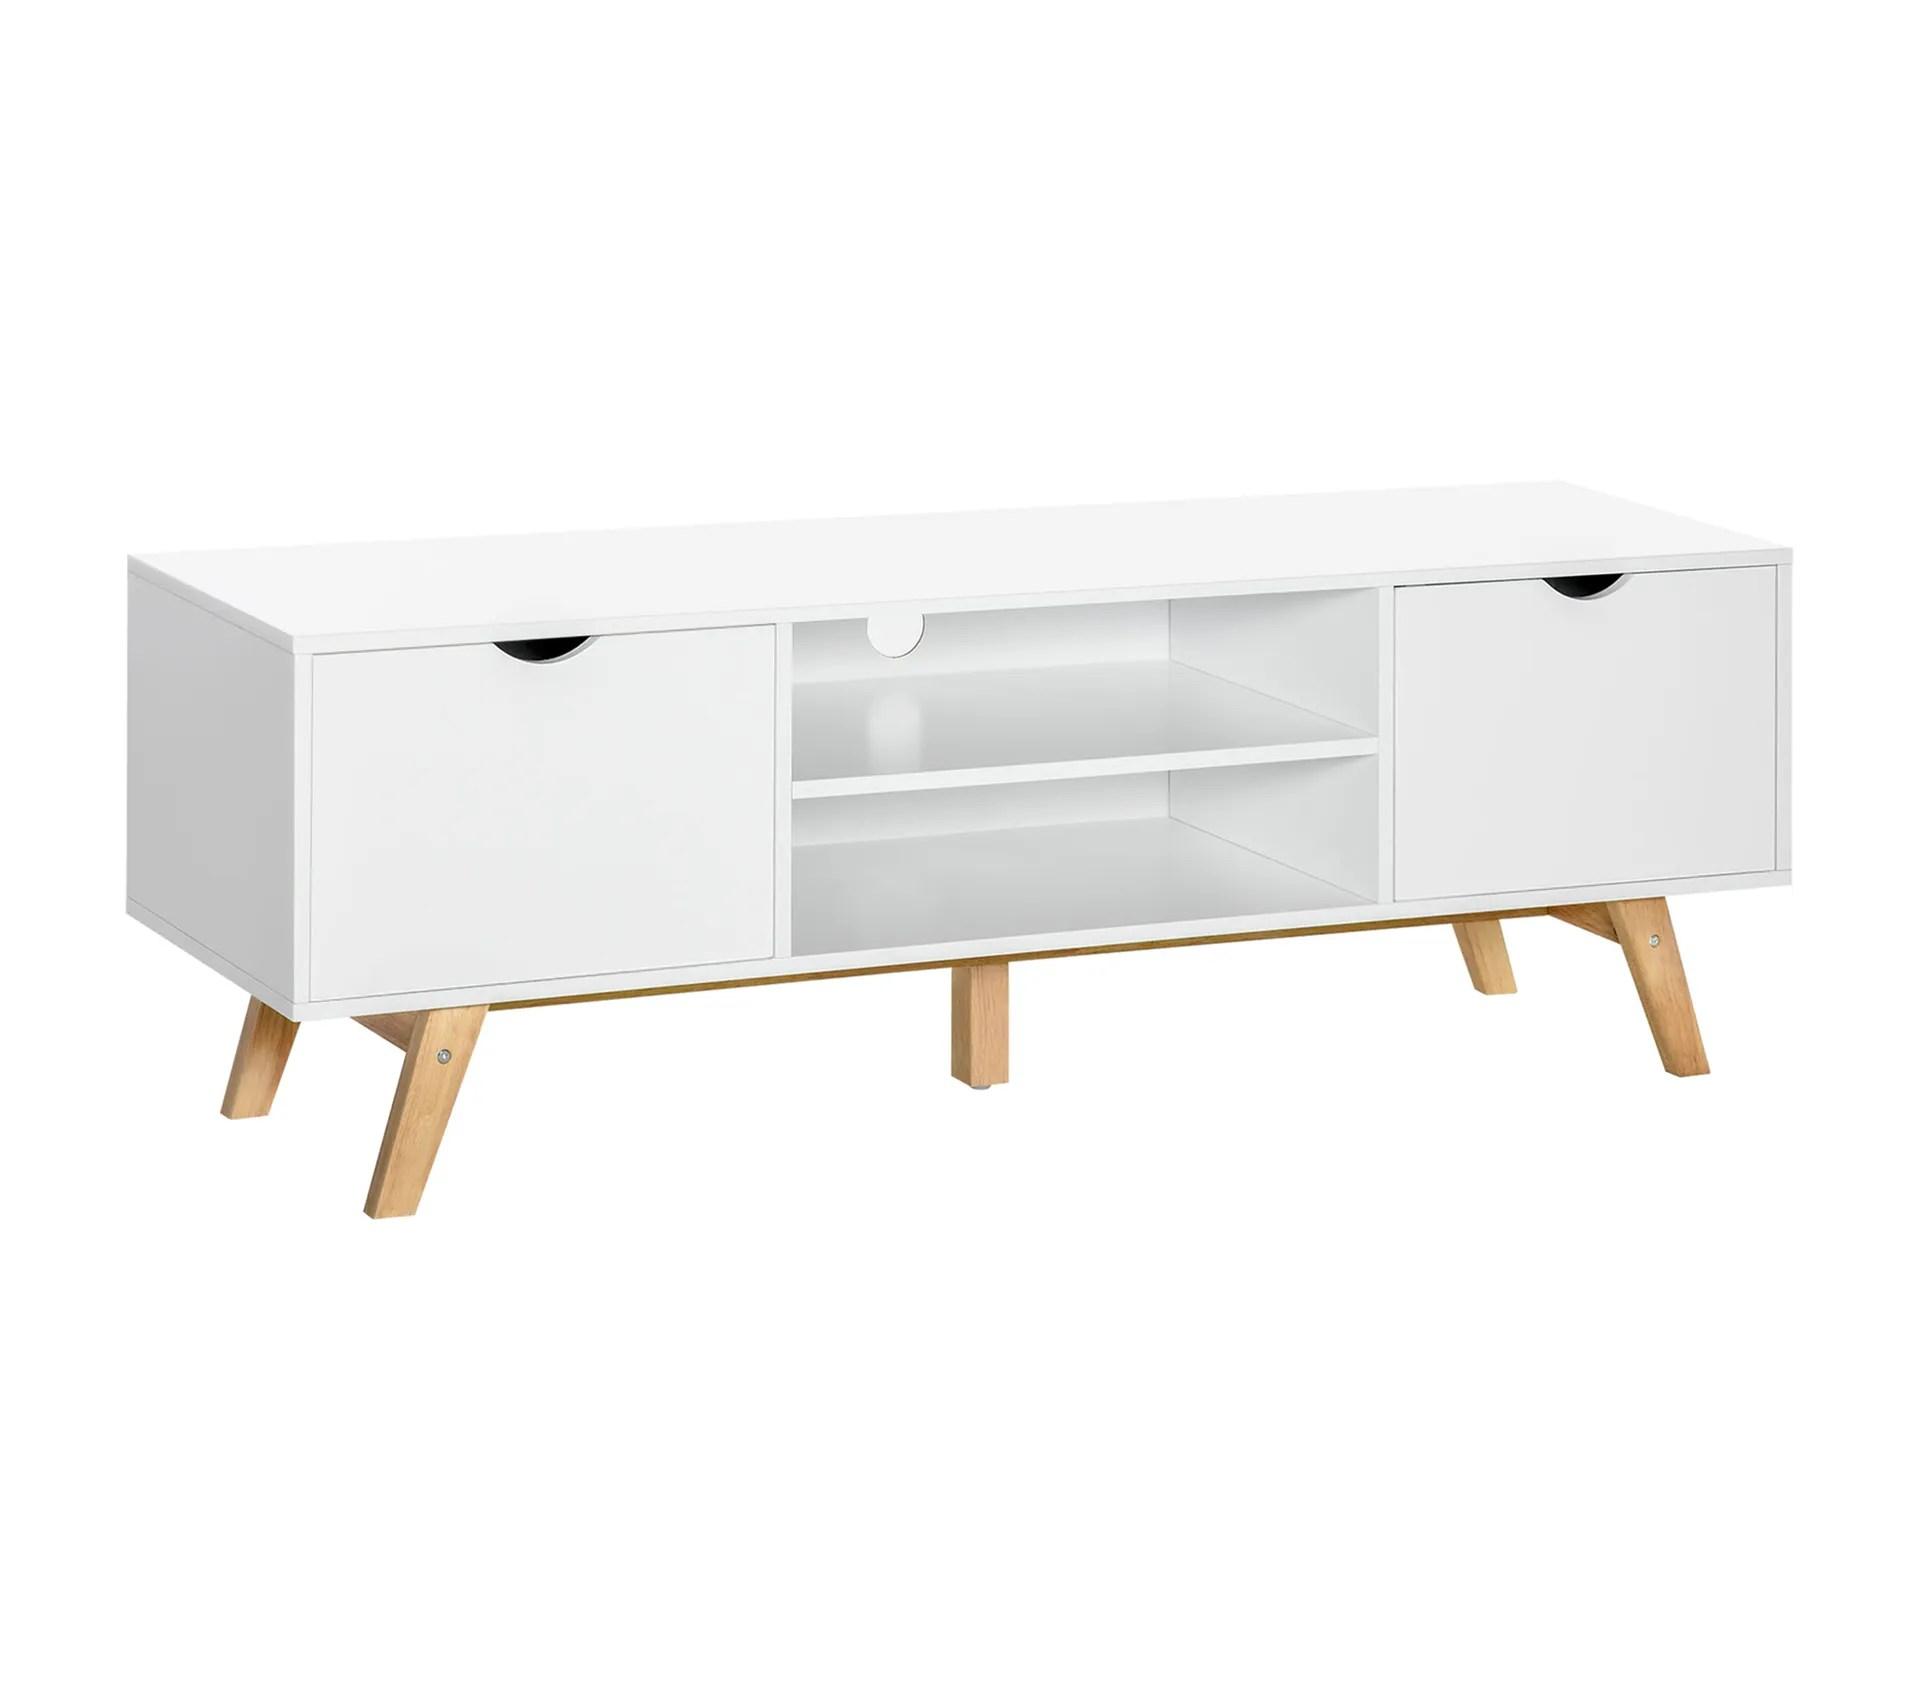 meuble tv bas sur pieds style scandinave 2 portes 2 niches blanc bois hevea